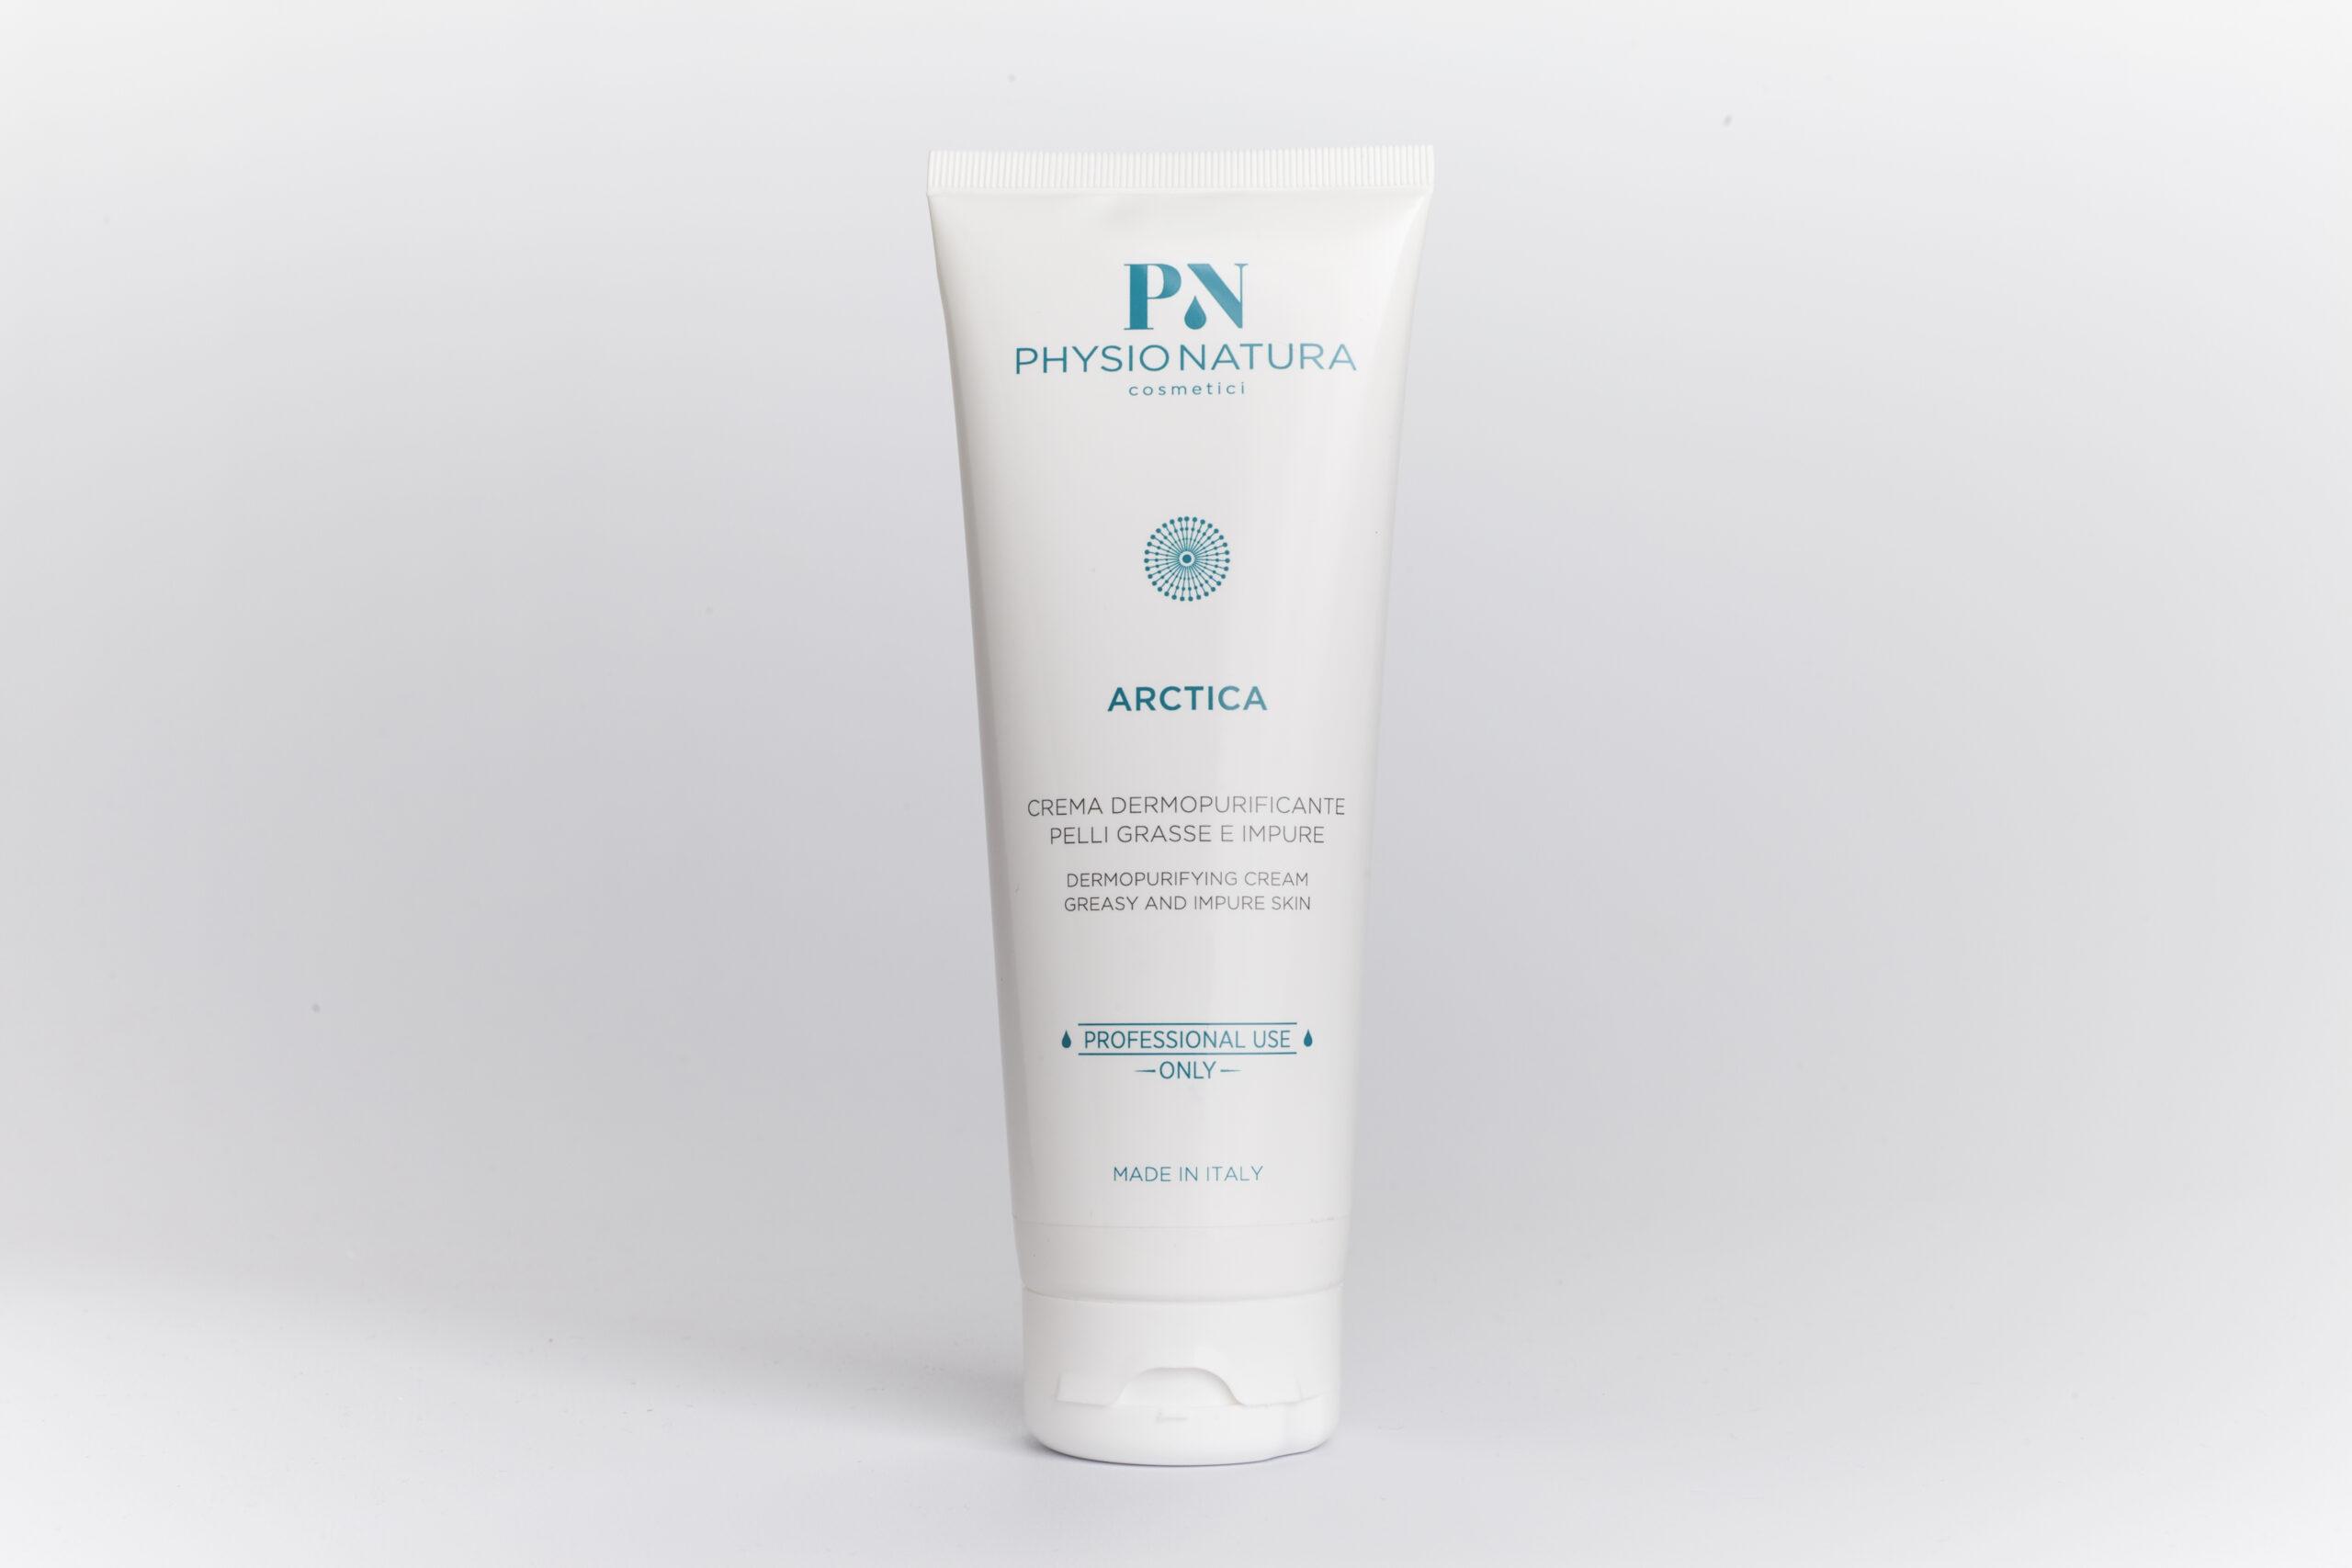 PhysioNatura Arctica Crema Pelli Grasse e Impure - 50 ml